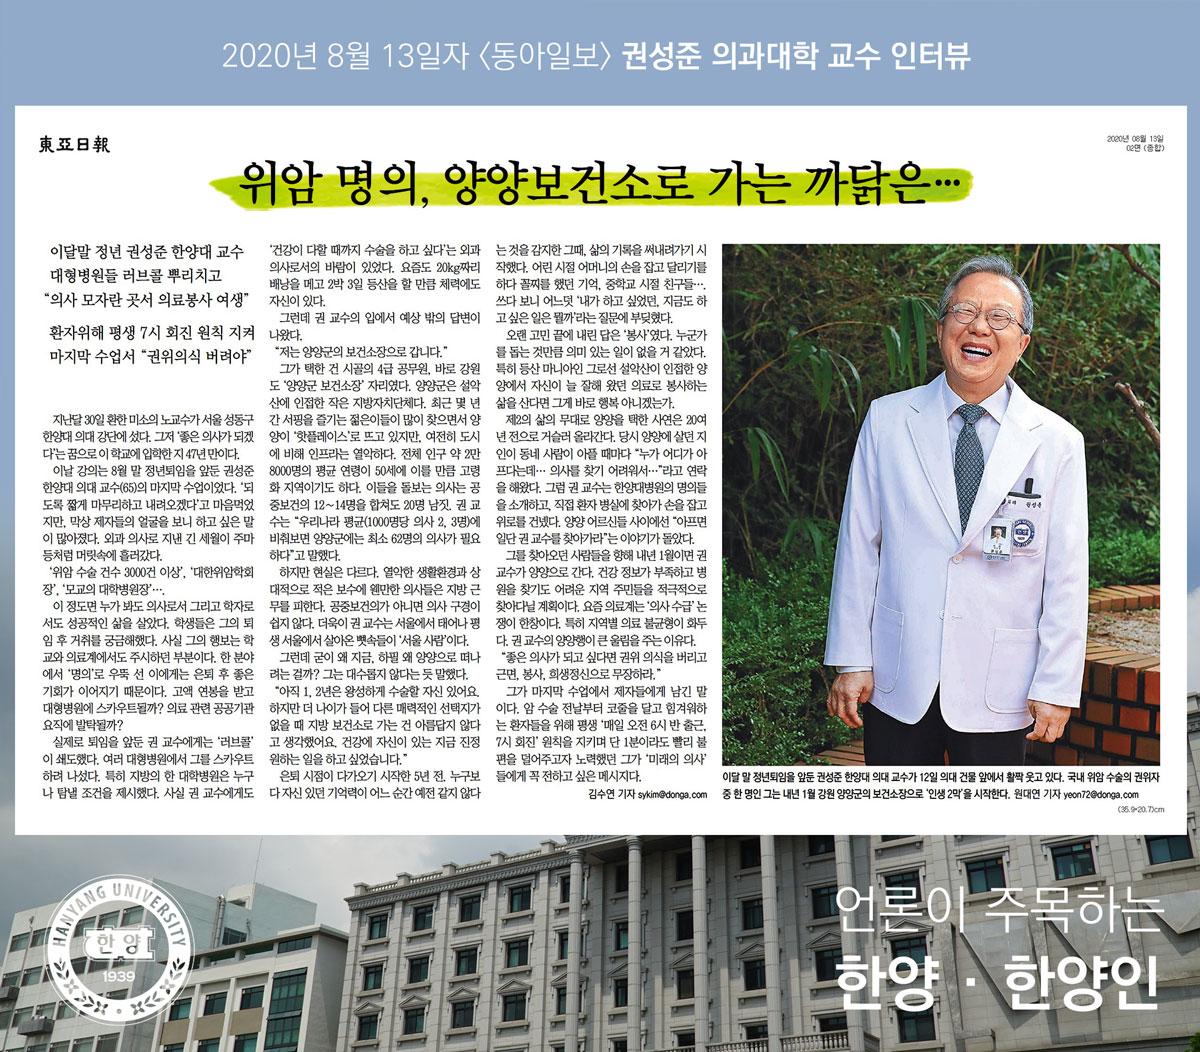 <언론기사> 권성준 의과대학 교수 인터뷰 (동아일보 2020.08.13)